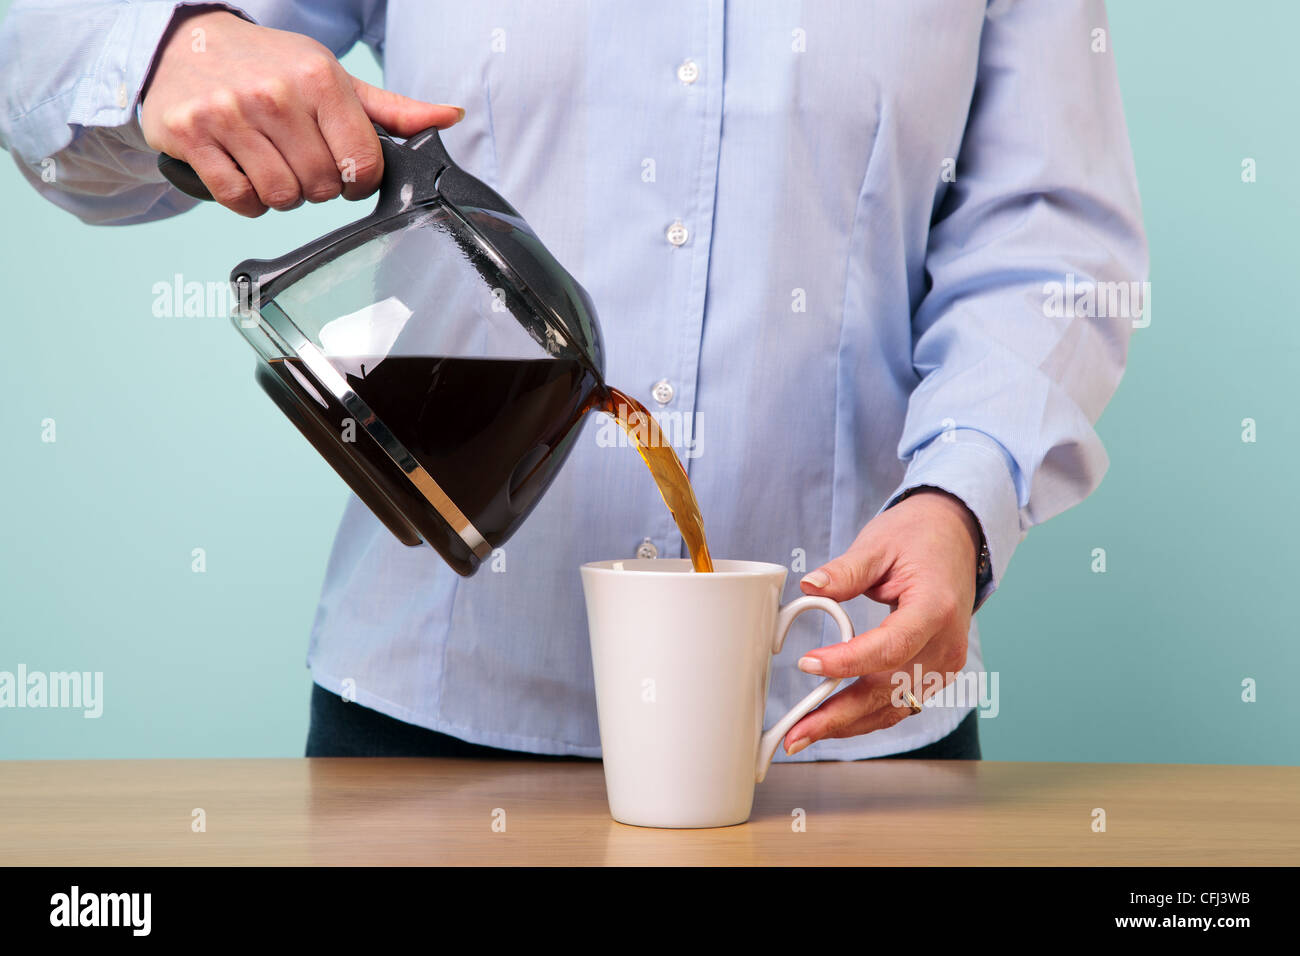 Photo d'une femme sur son versant pause elle-même une tasse de café filtré à chaud à Photo Stock